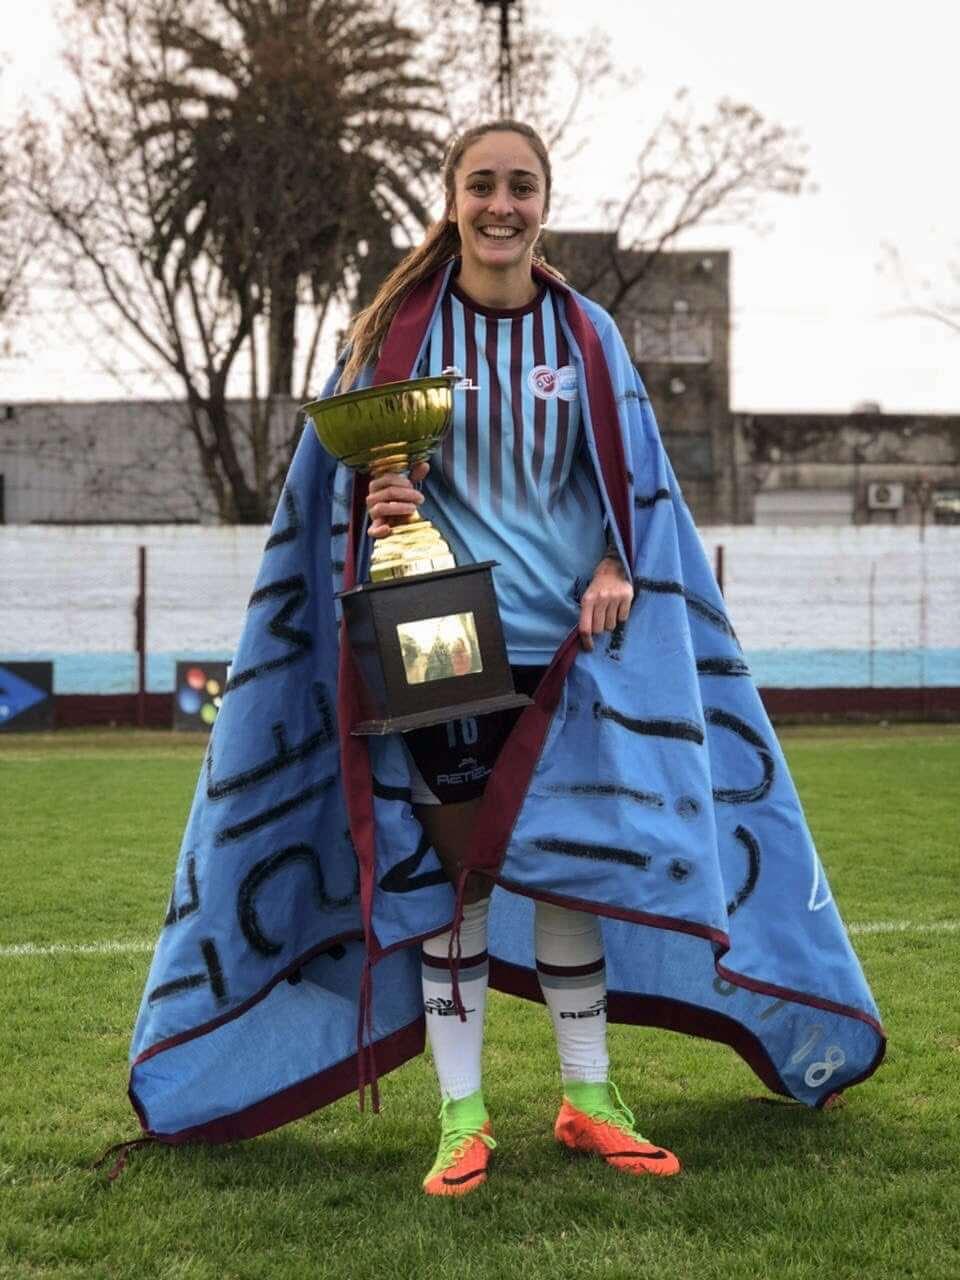 Macarena Sánchez, la futbolista argentina que pide que demanda a su club y su federación por la igualdad de género